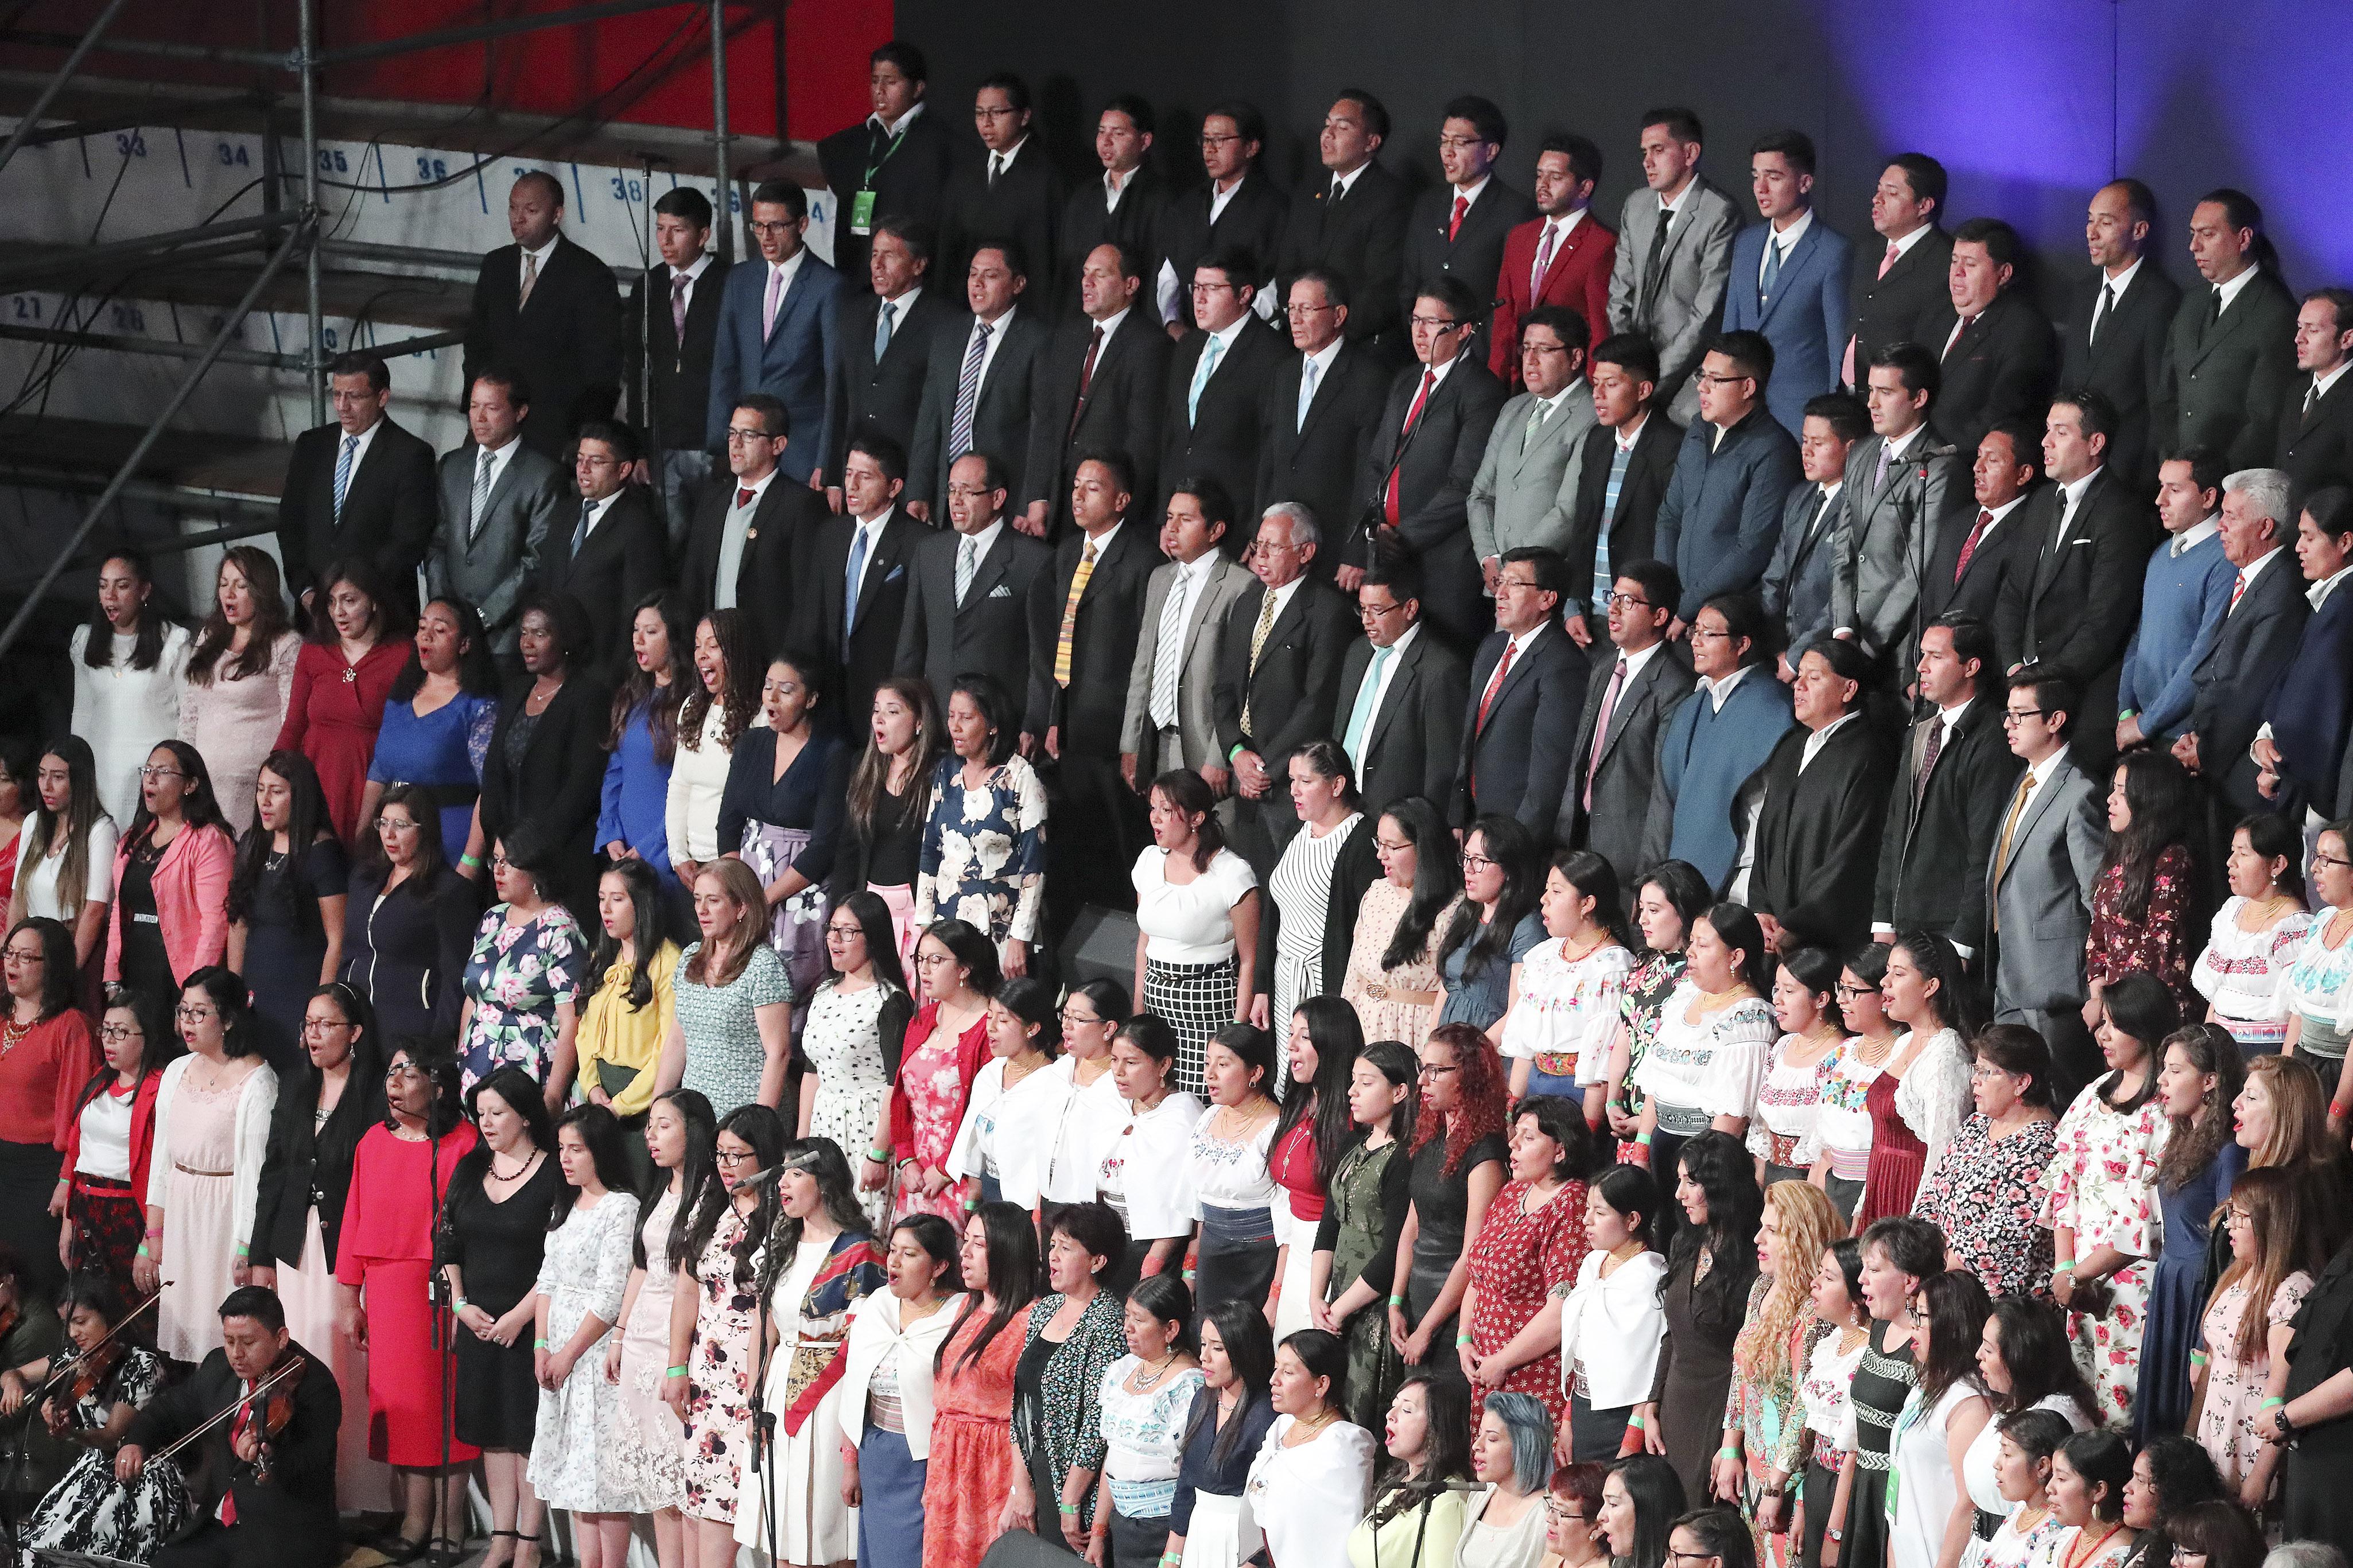 El coro canta durante un devocional en Quito, Ecuador, el lunes 26 de agosto de 2019.